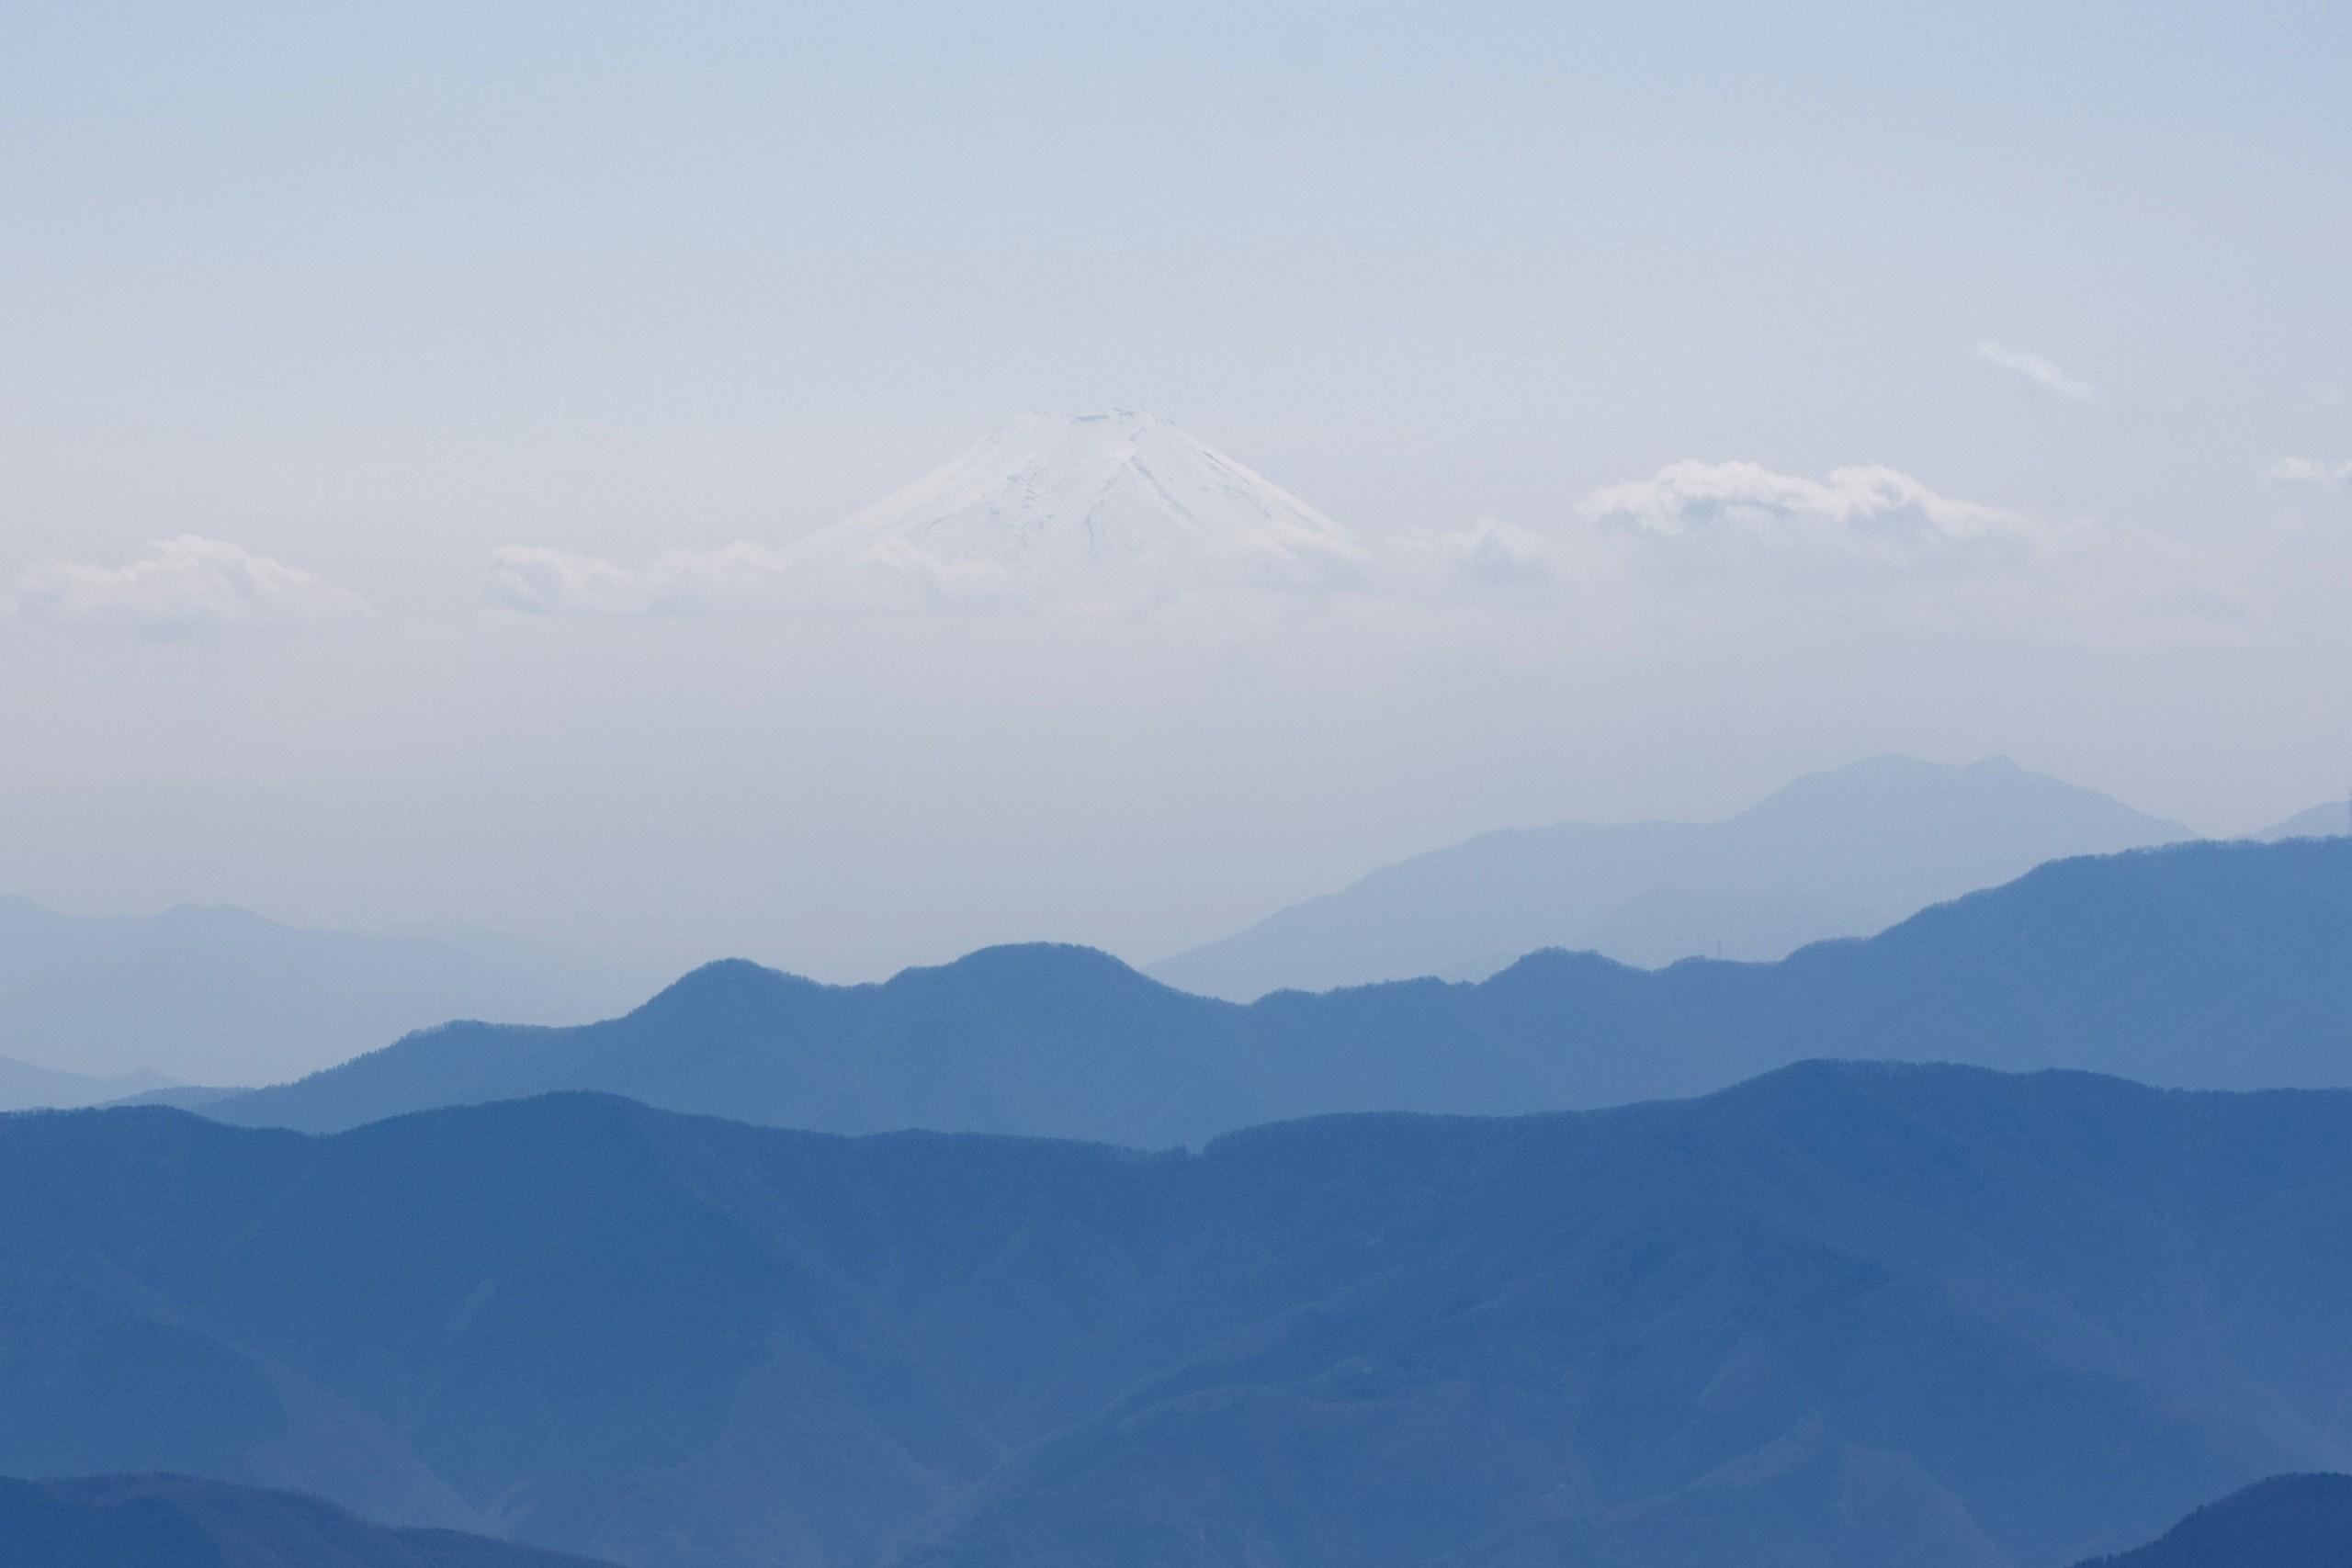 鷹ノ巣山から見た富士山